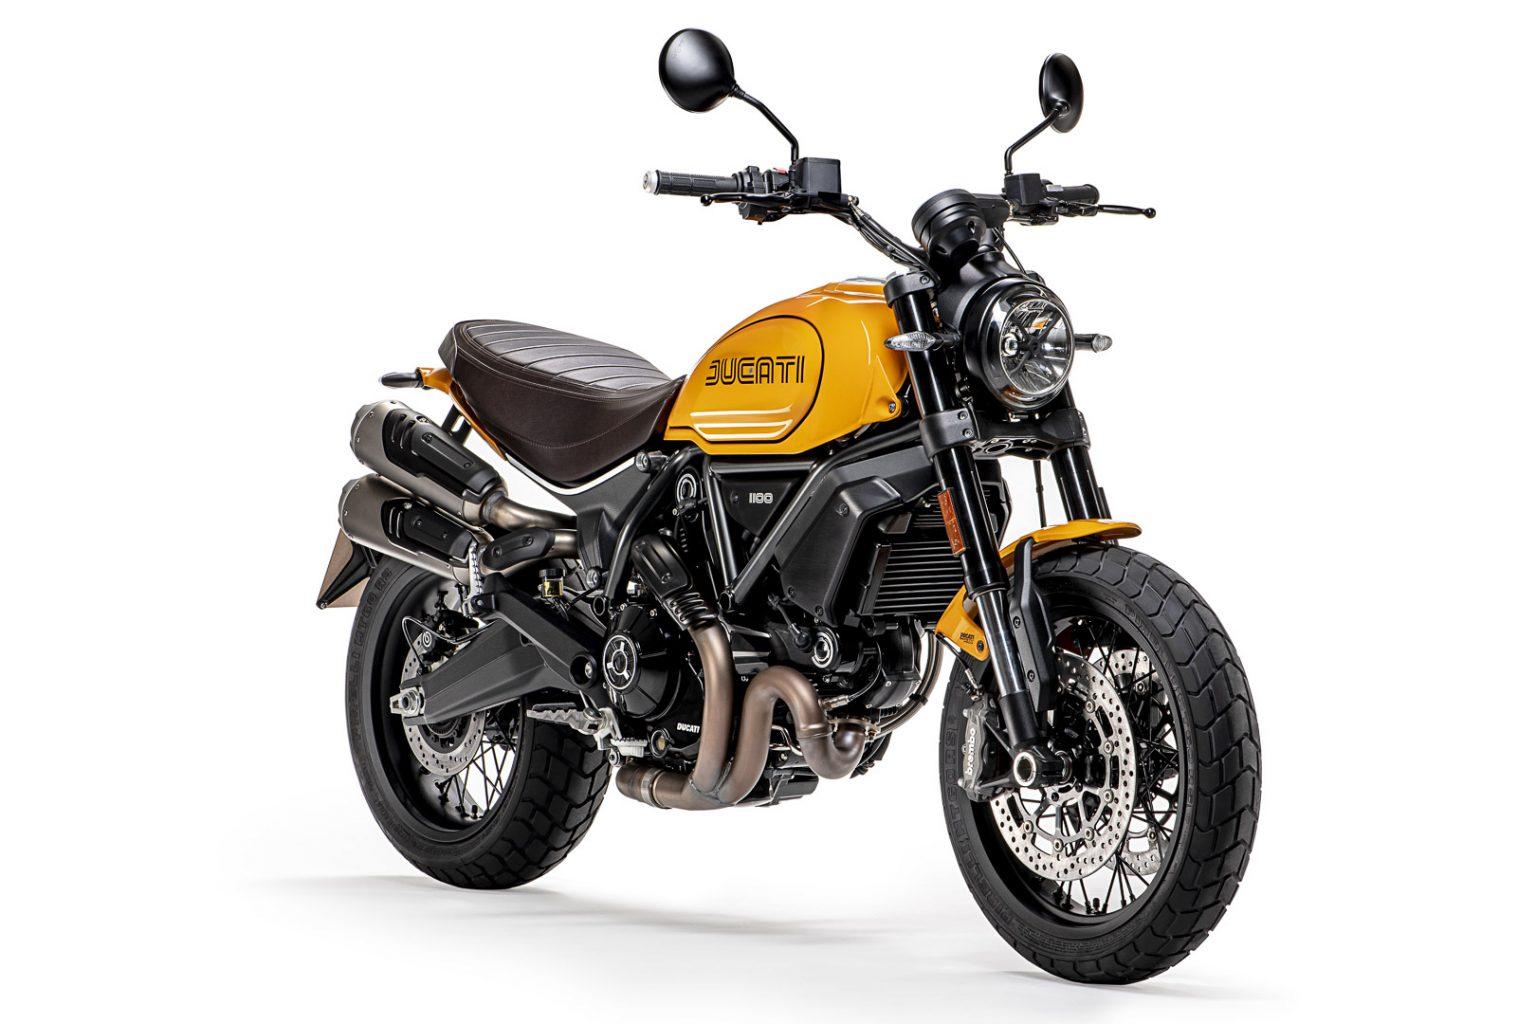 2022 Ducati Scrambler 1100 Tribute Pro